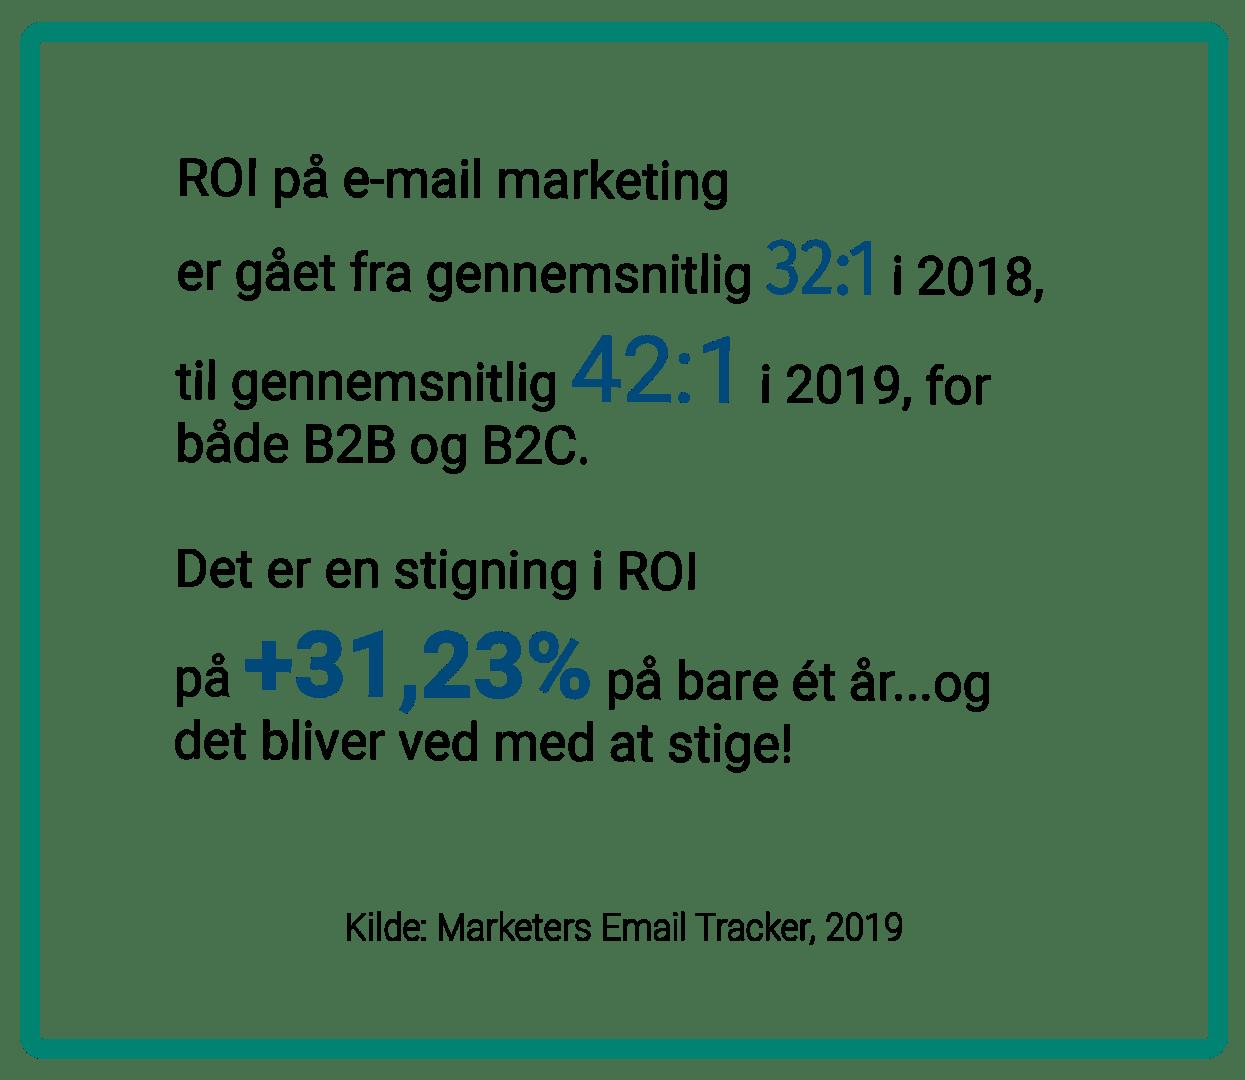 ROI, email marketing, afkast, stigning, omsætning